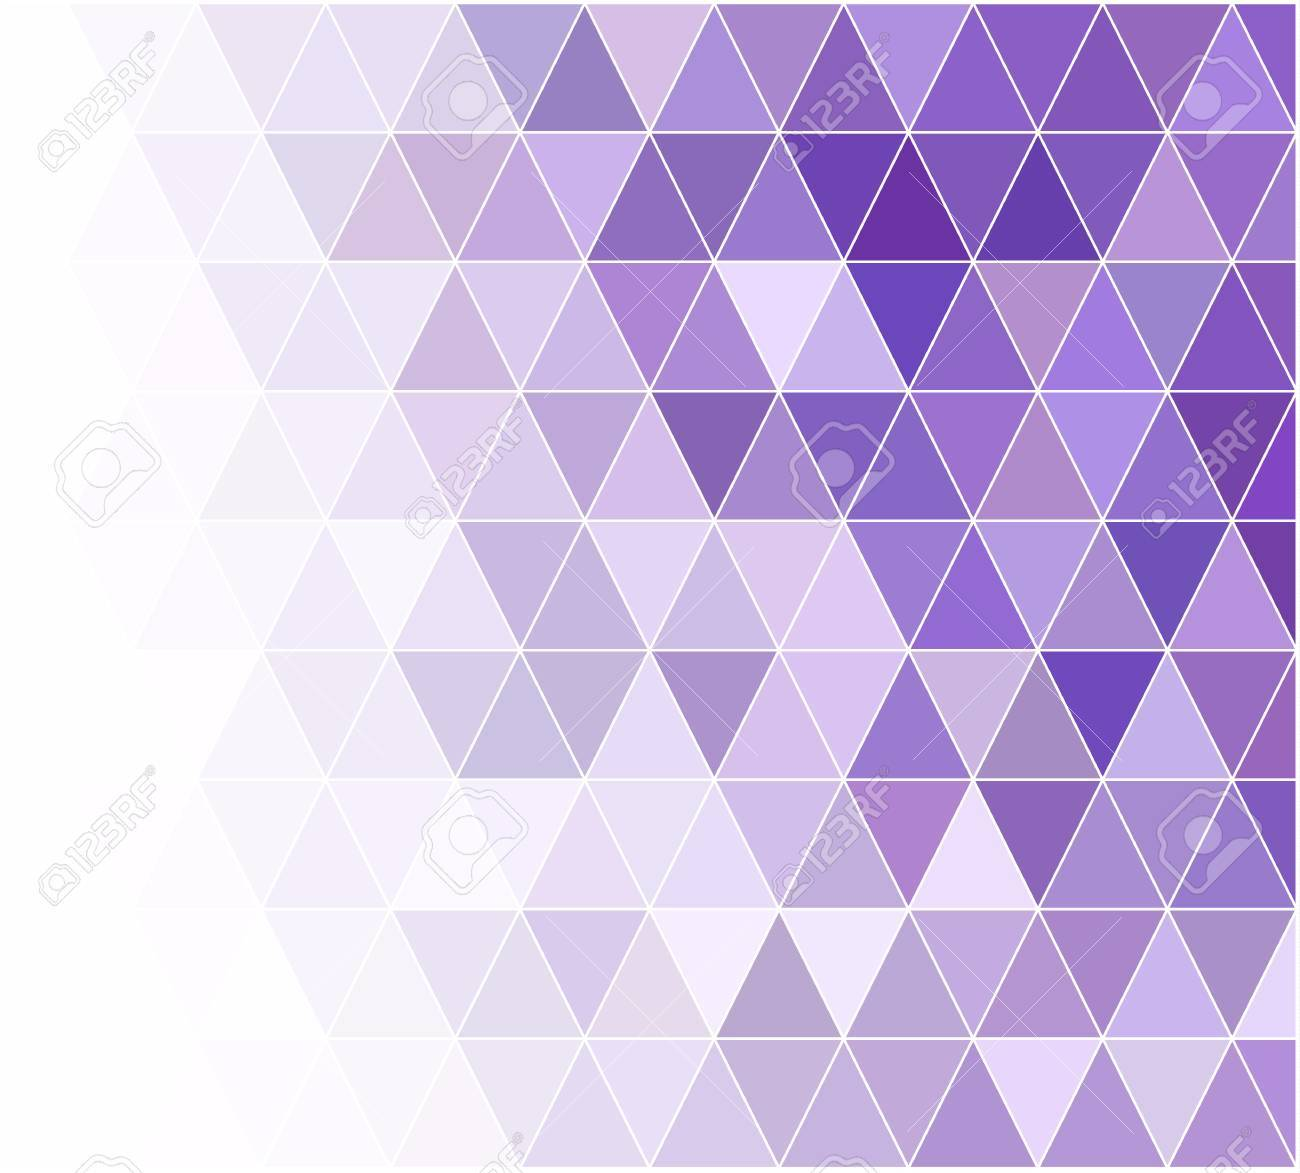 紫グリッド モザイクの背景 創造的なデザイン テンプレート